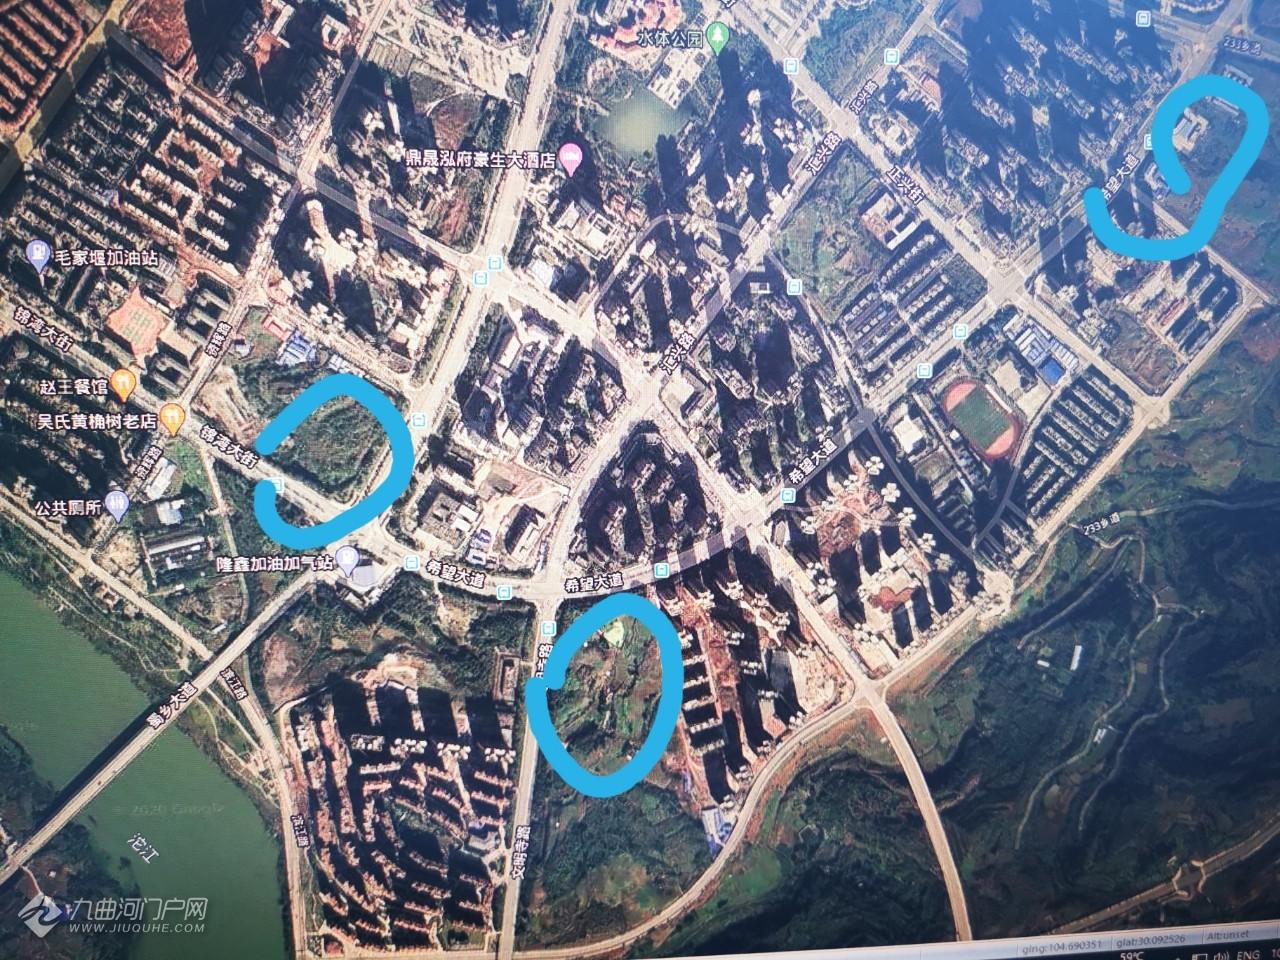 资阳吾悦广场位置探讨!希望大道可以修的位置不多啊,就这三个点有可能! ... ...